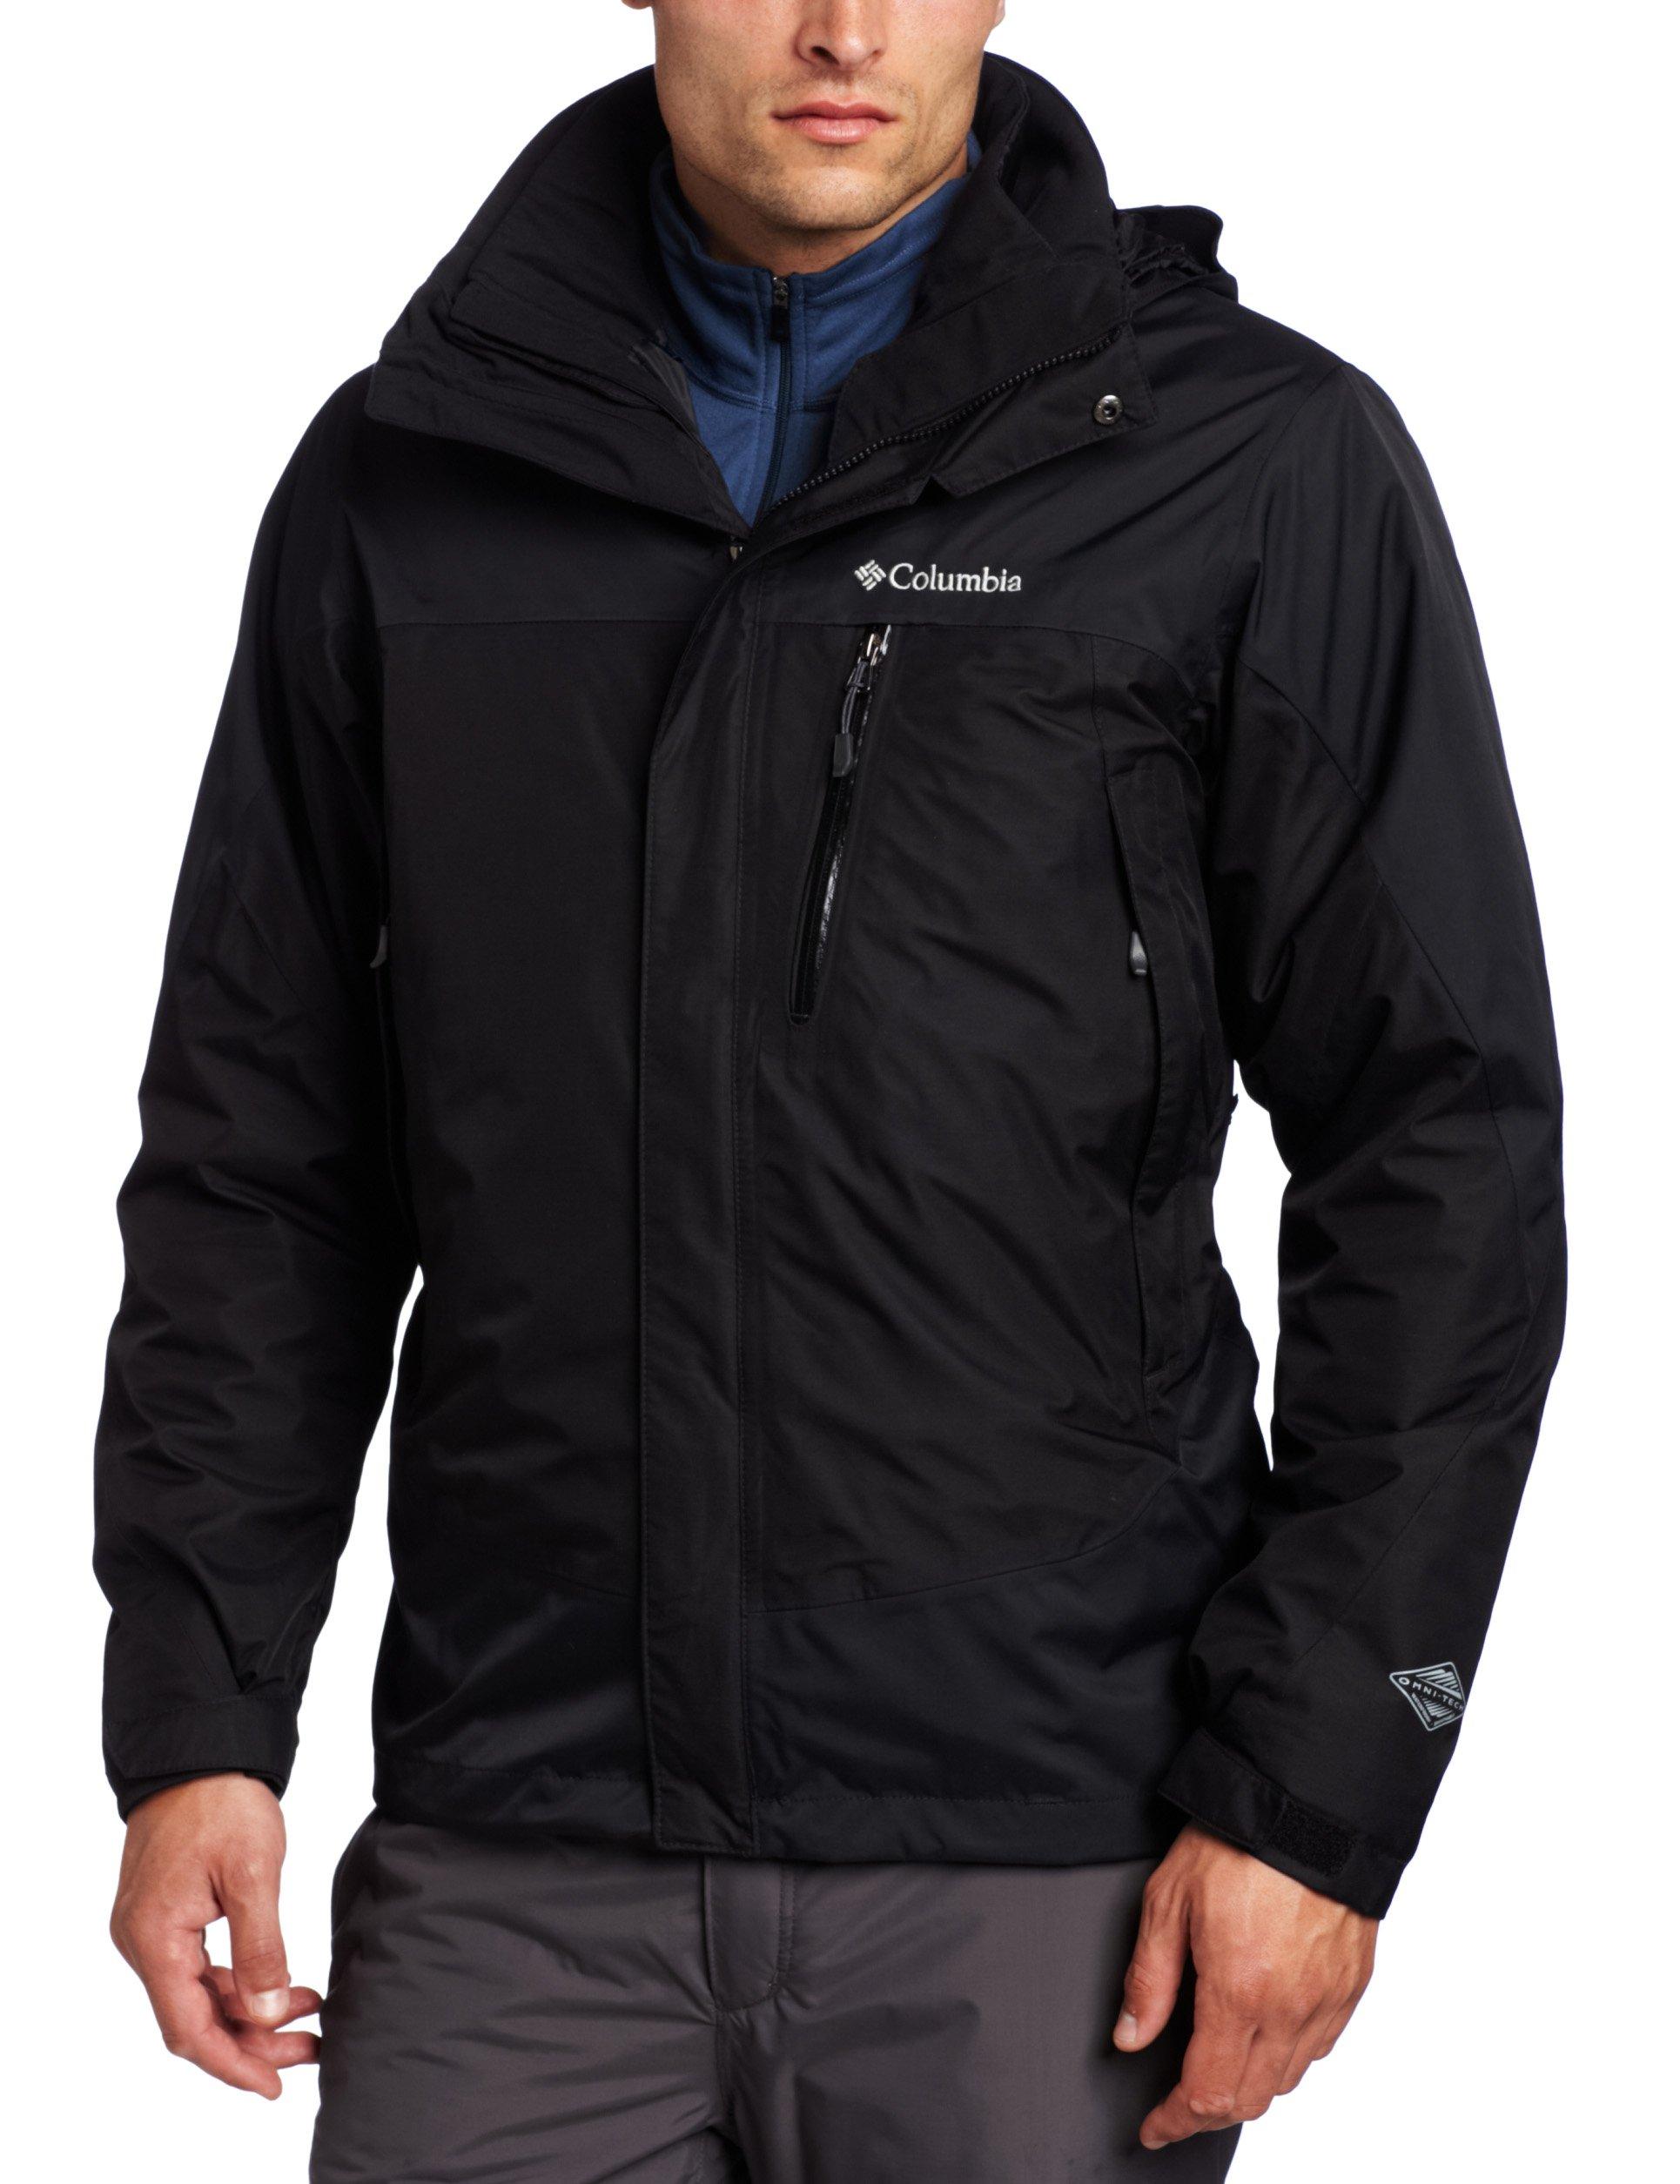 bc68a63e2e Galleon - Columbia Men s Lhotse Mountain II Interchange Jacket ...